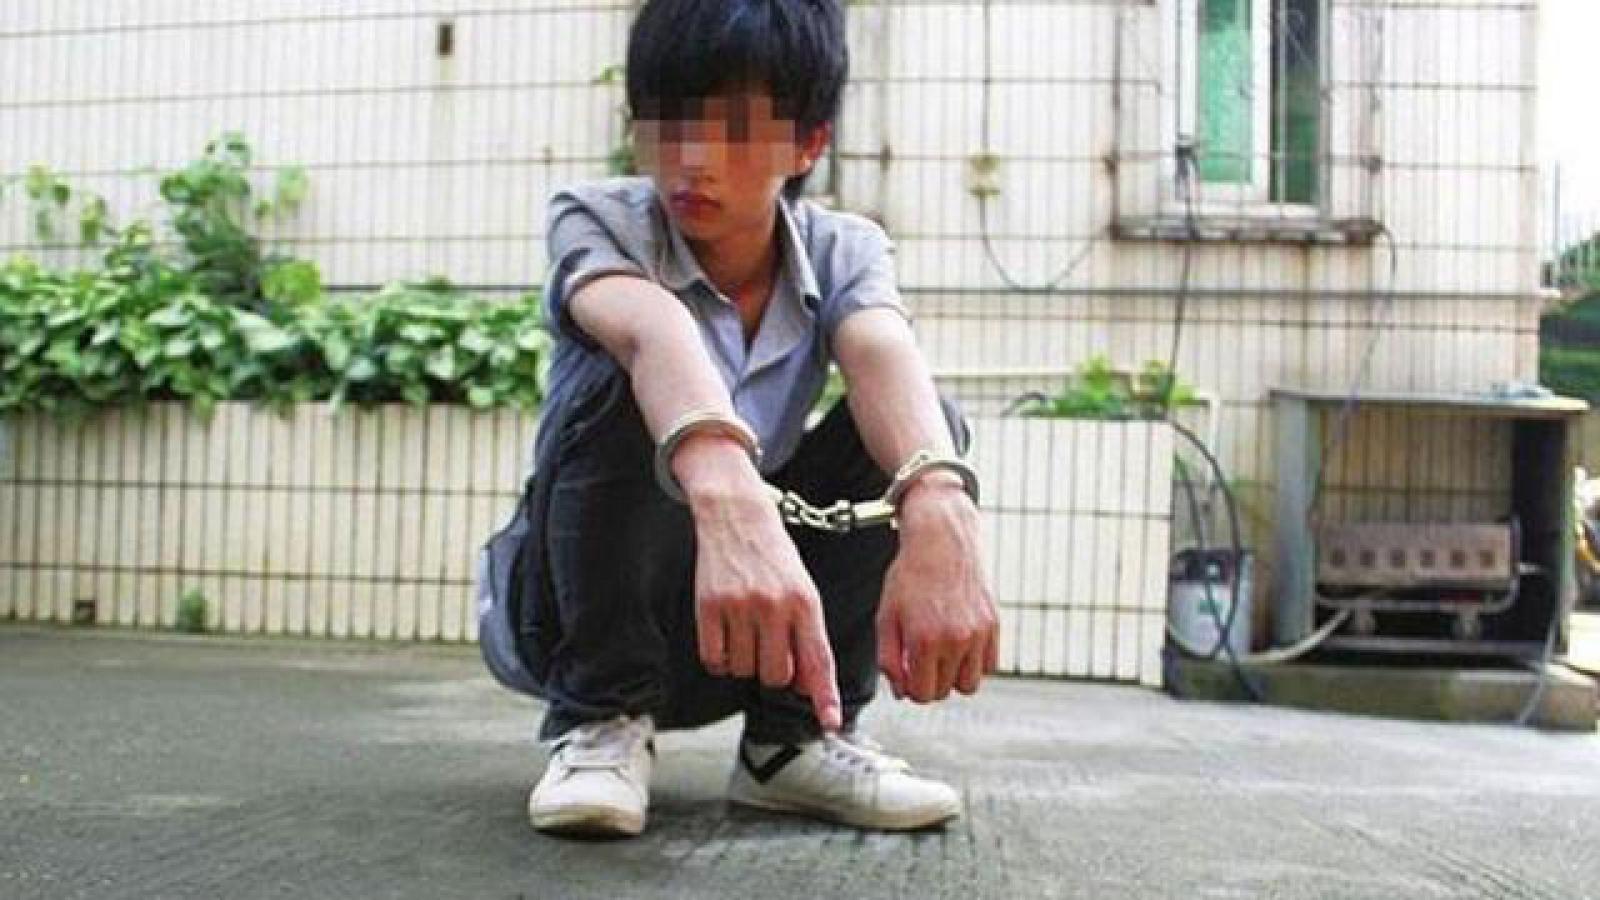 Trung Quốc: Trẻ từ 12-14 tuổi có thể phải chịu trách nhiệm hình sự nếu giết người